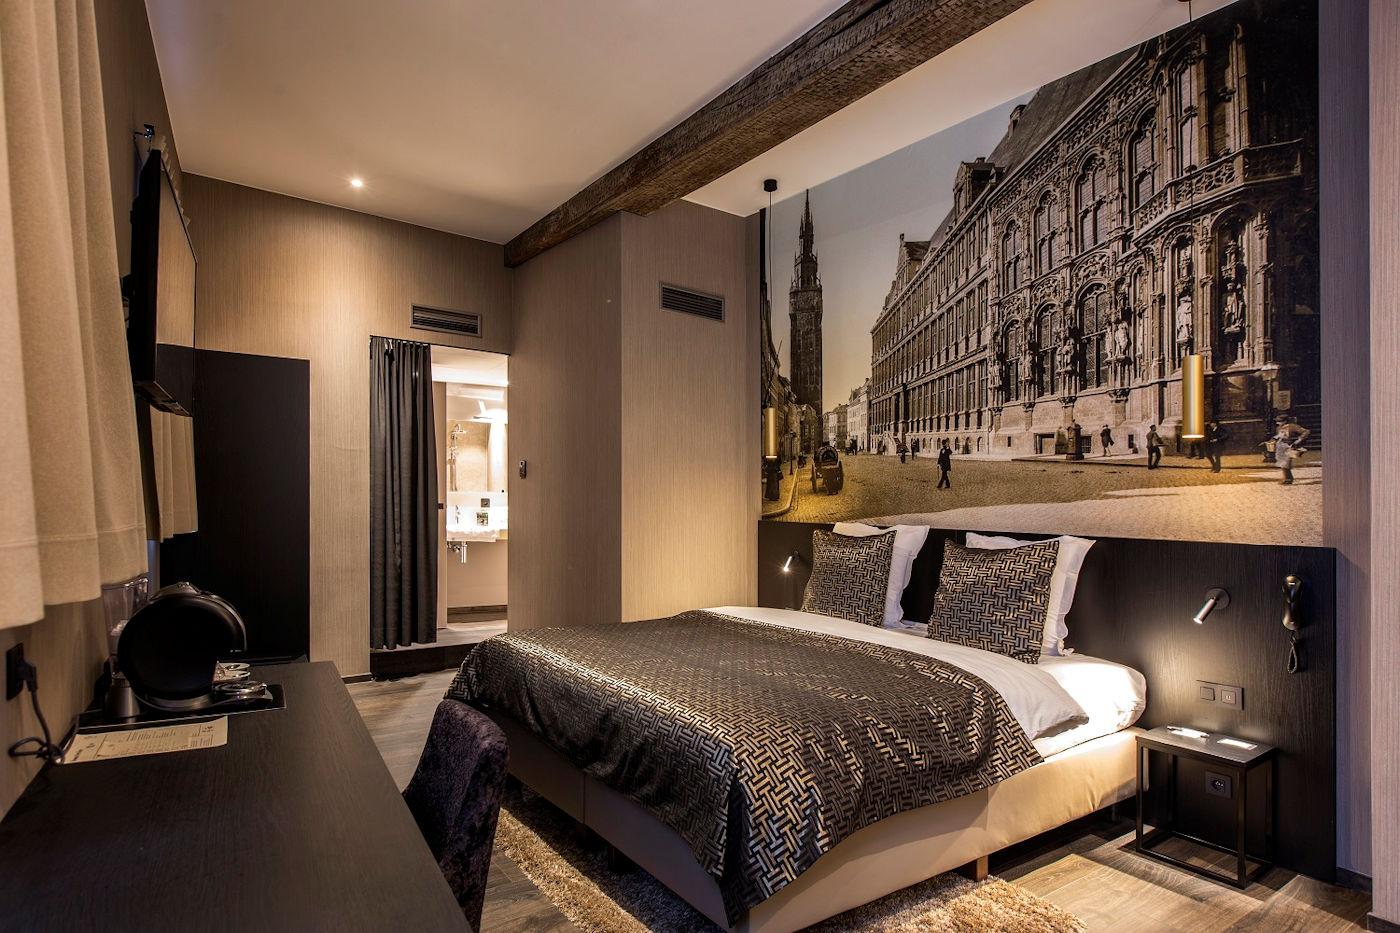 luxe overnachting met kasteelbezoek cadeaubon e bon